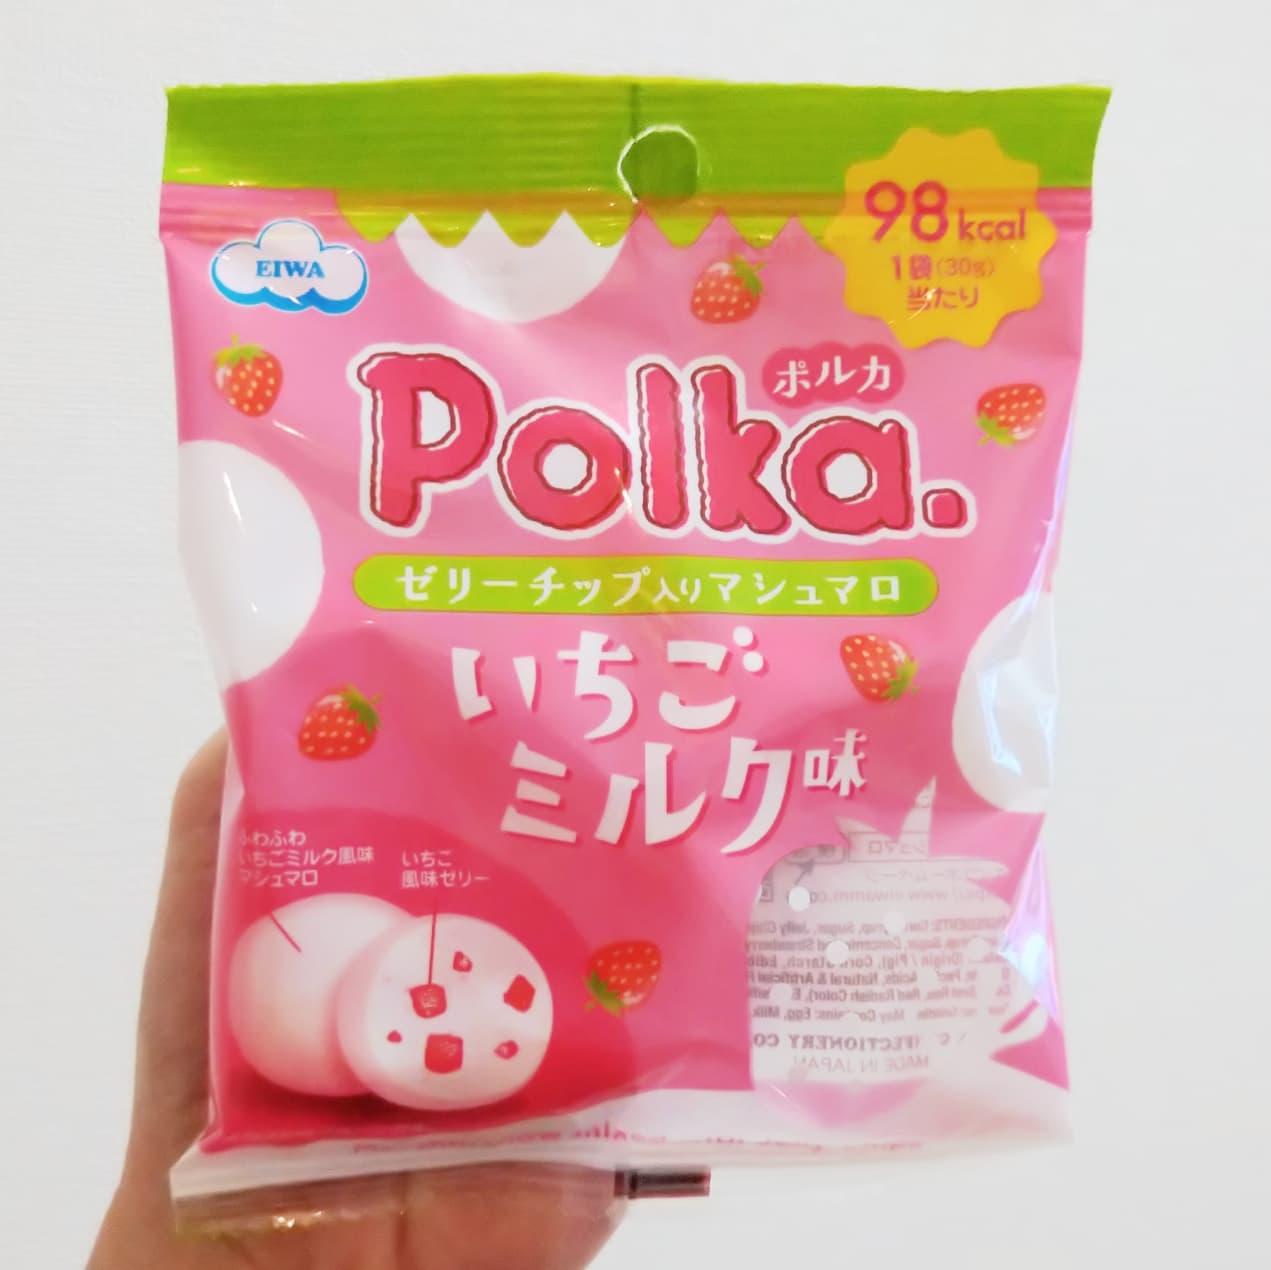 #いちごミルクラブ #エイワ #ポルカいちごミルク味 謎イチゴ系--☆--本物イチゴ系甘さ強め系--☆--控え目系こってり系--☆--さっぱり系超ミルク系--☆--生クリーム系おもいで度--☆-- #侍猫度基本マシュマロにほんのり謎イチゴ味のやつおかしのまちおかで買ったやつだよ。#いちごオレ #いちごオレ味 #いちごミルク #いちごミルクみたい #いちご牛乳 #いちご牛乳味 #イチゴ牛乳 #いちご牛乳クラブ #苺牛乳 #苺牛乳が好き #苺ミルク #苺スイーツ #苺 #苺好きに生まれたからには #メソギア派 #糖分 #いちごミルク味 #スイーツ #スイーツ好き #スイーツスタグラム #スイーツタイム #スイーツ写真 #strawberry #strawberrymilk